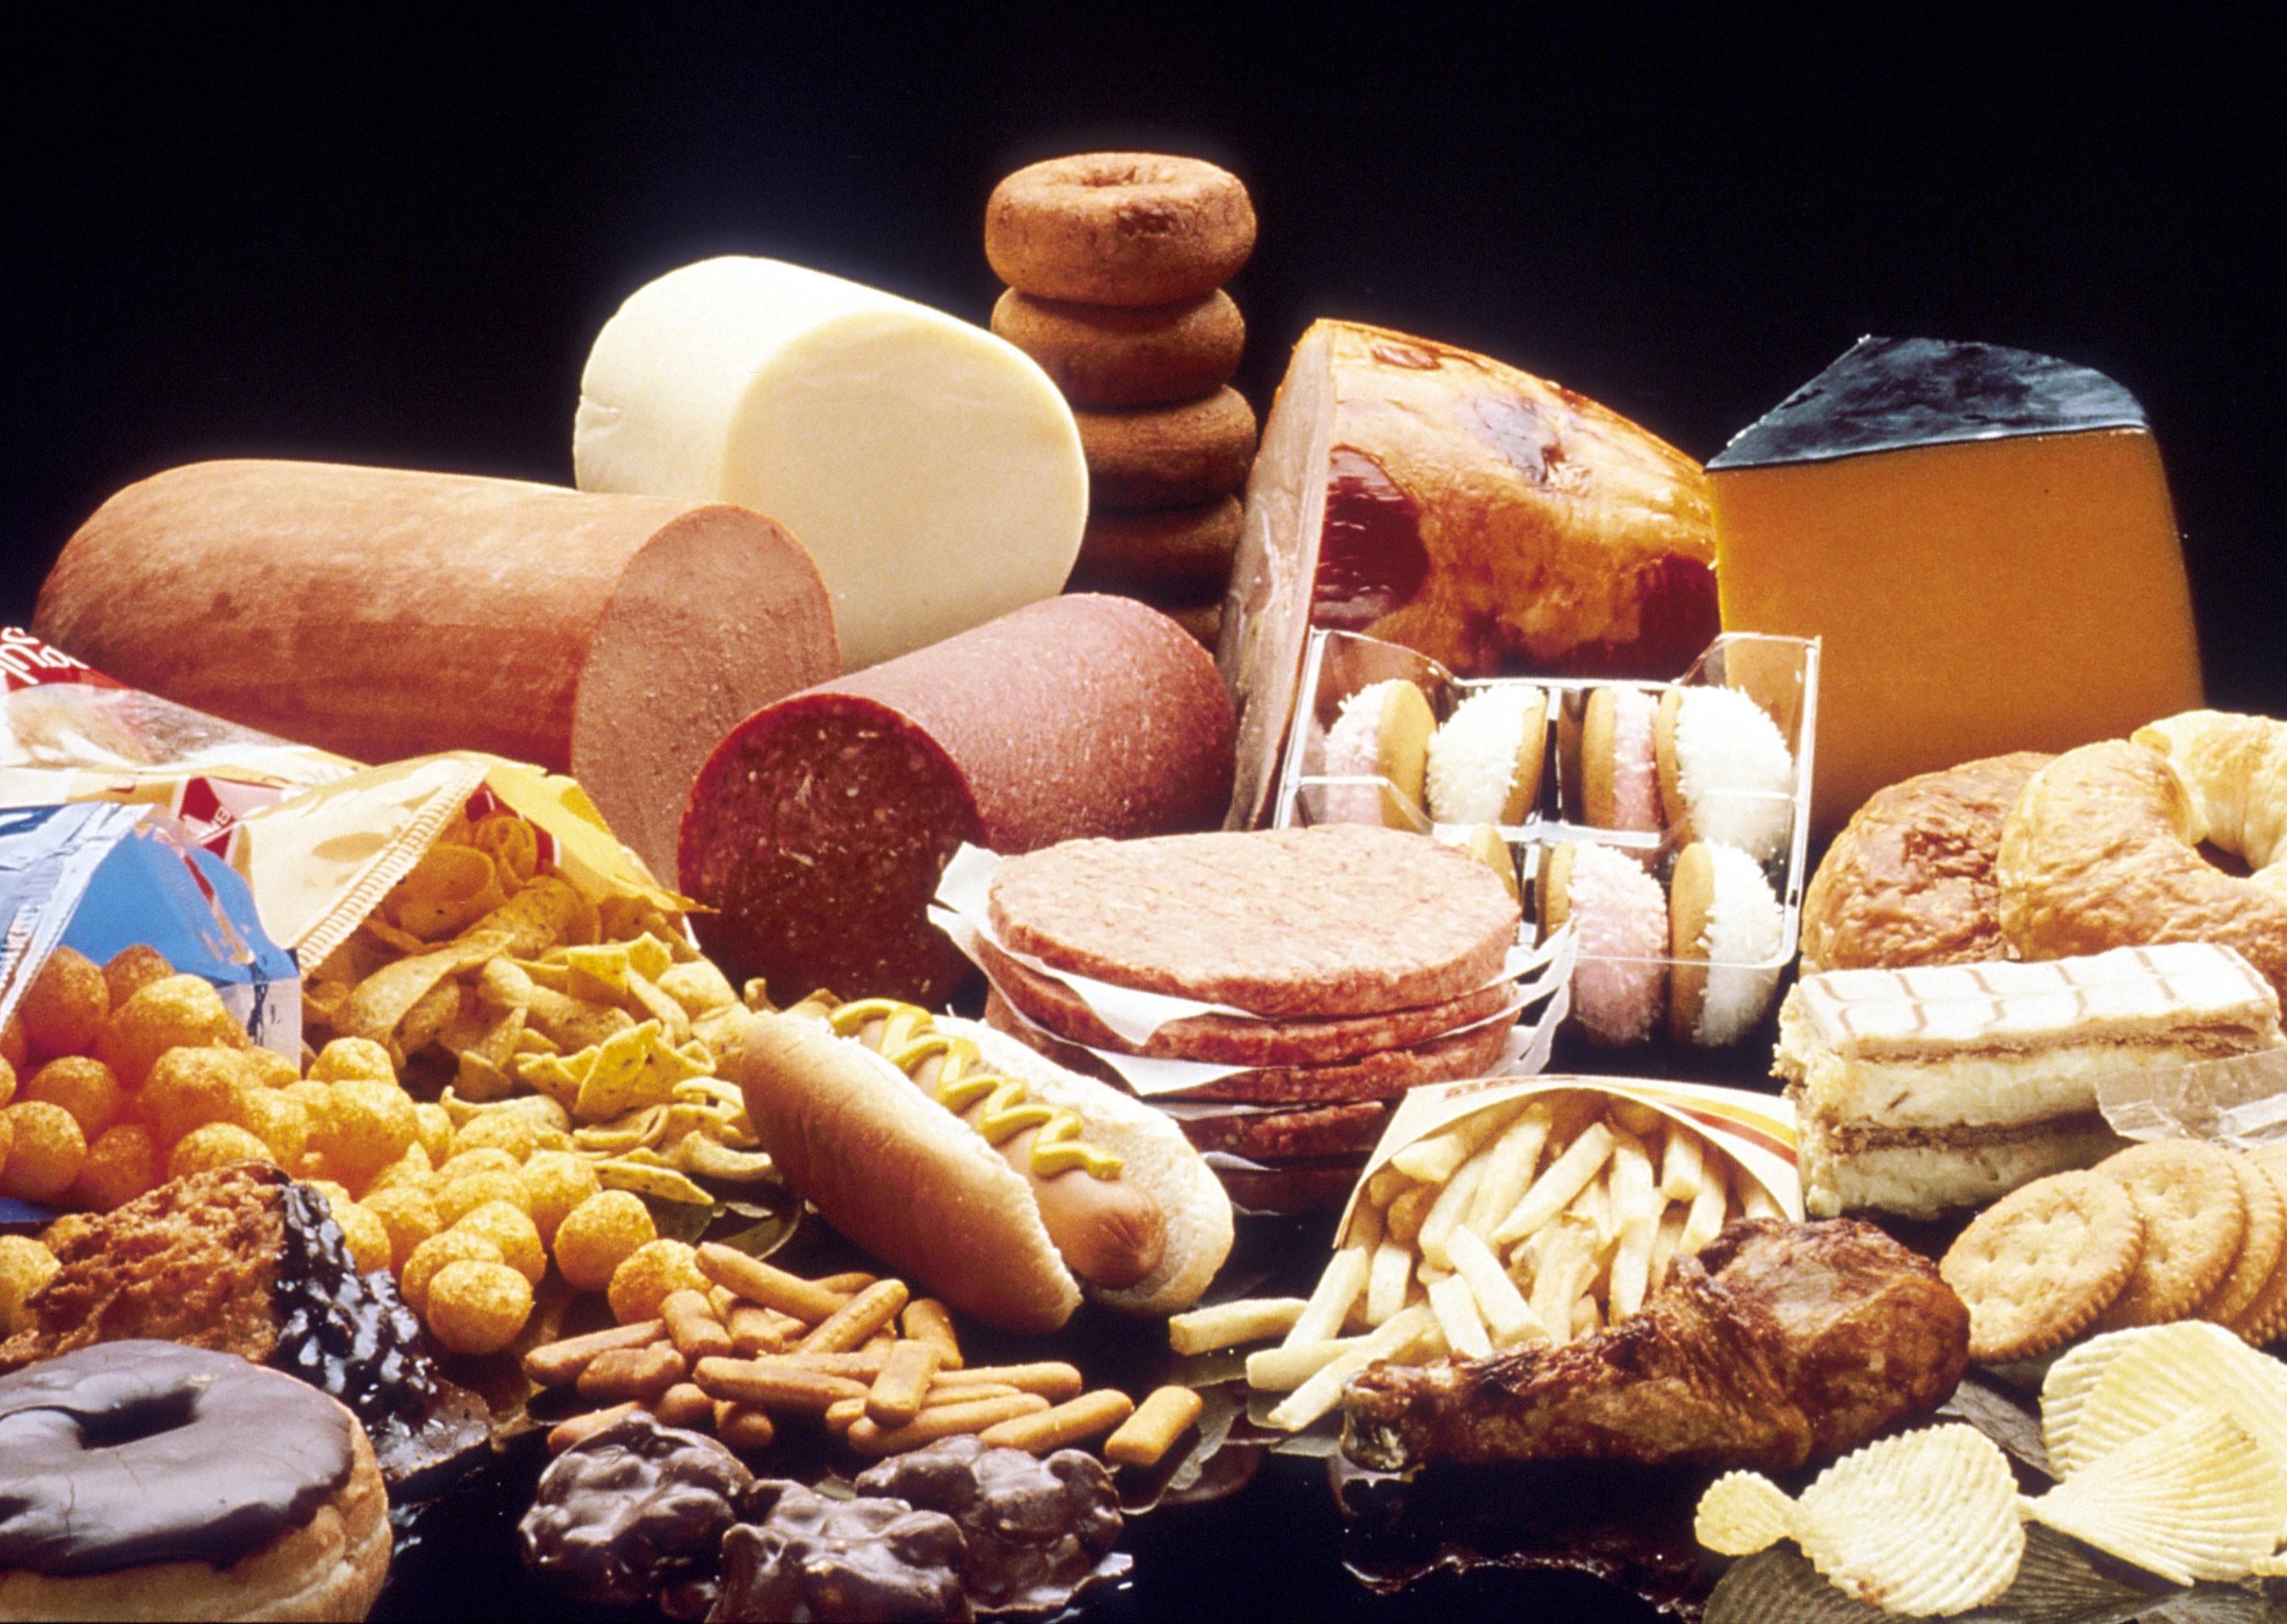 fette nahrungsmittel gesunde ernährung tipps